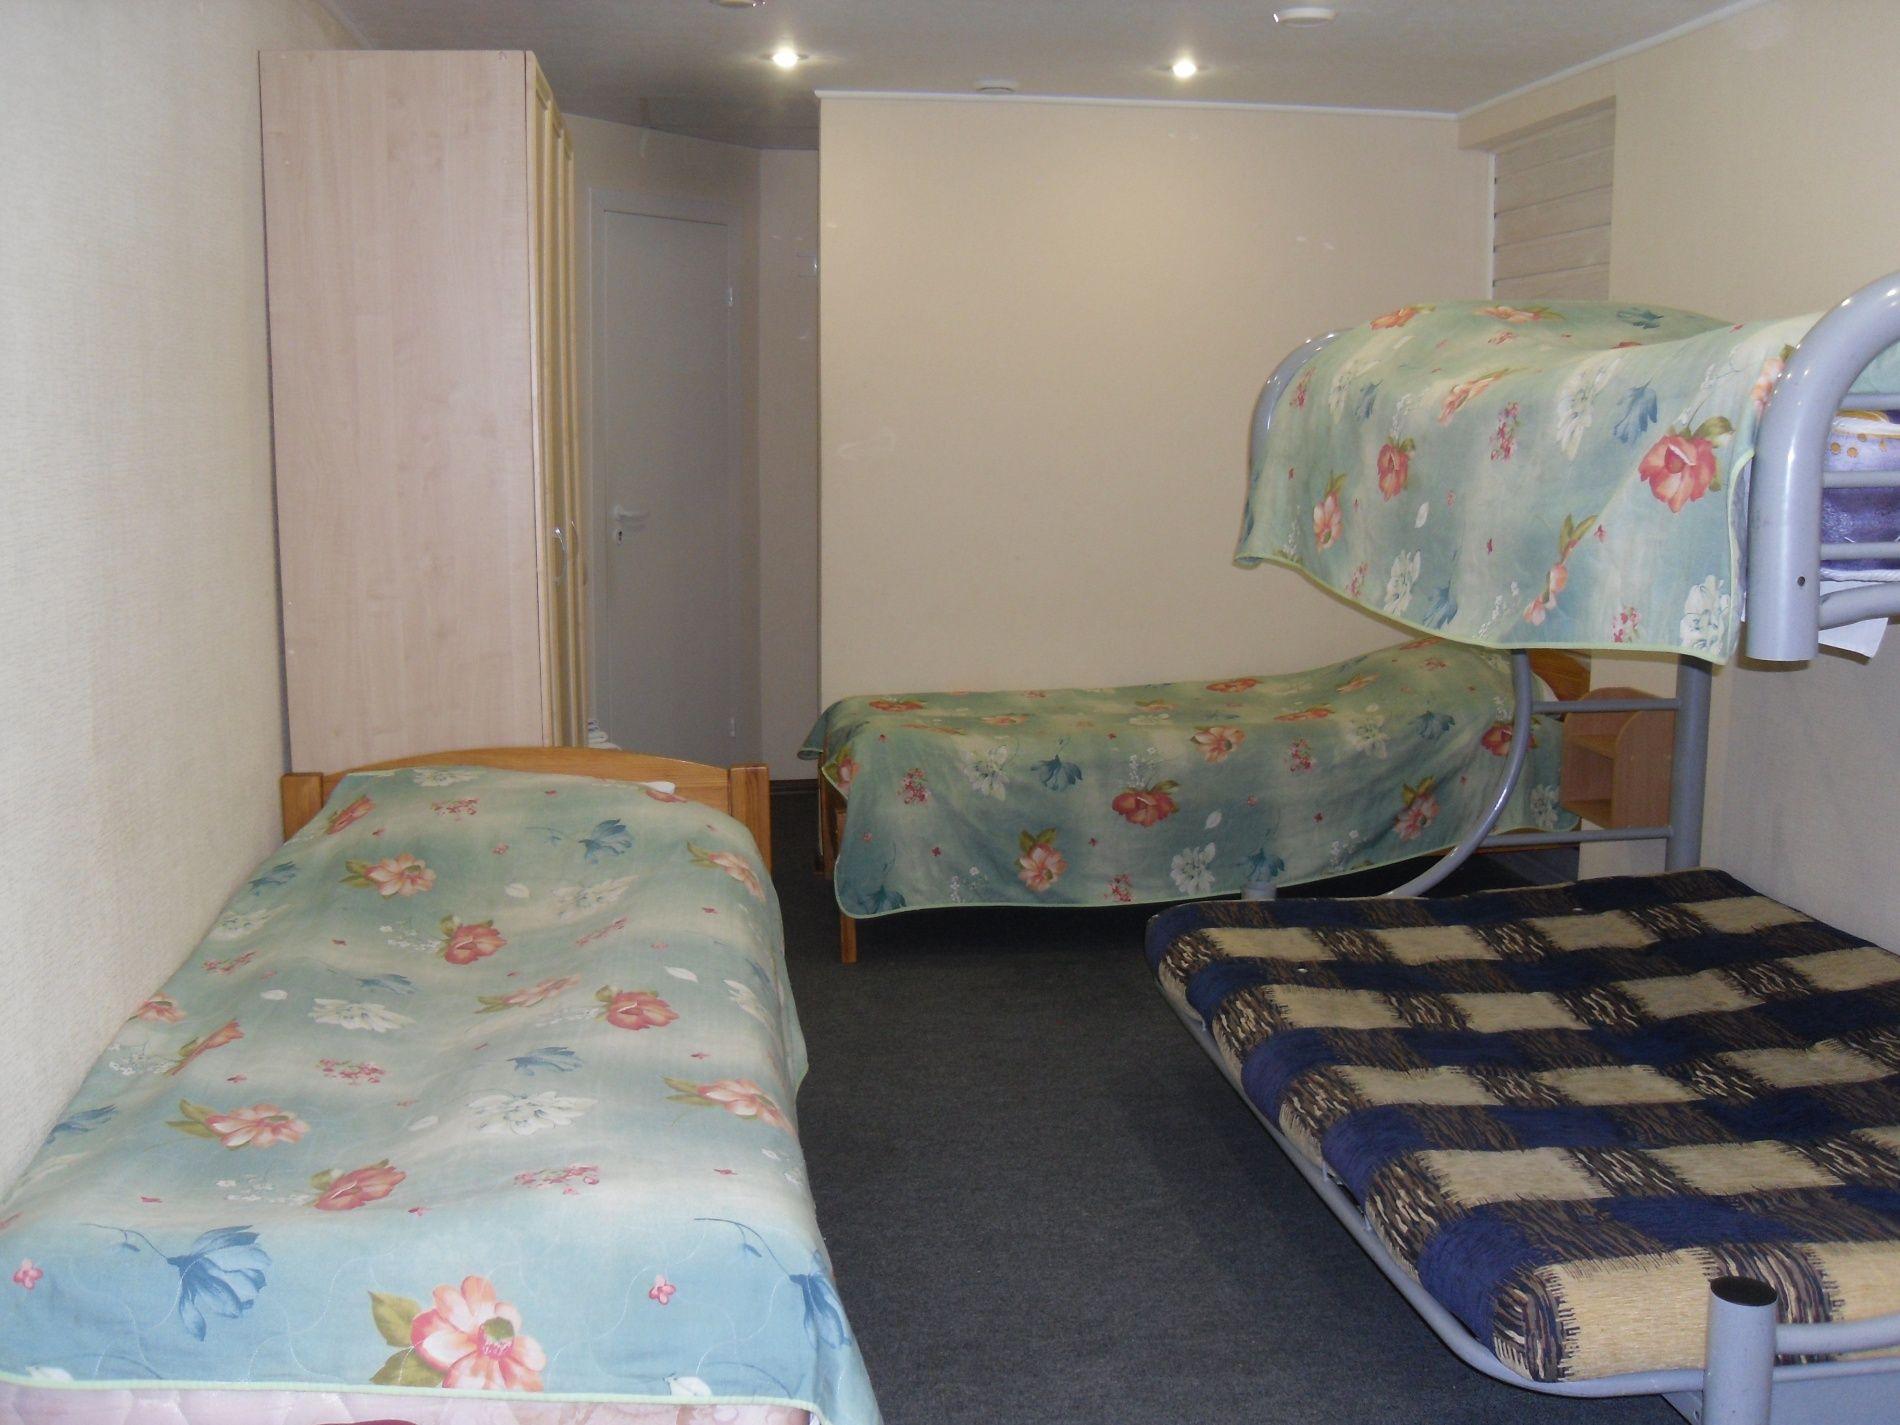 Туристический комплекс «Мирная Пристань» Ивановская область 1-комнатный 4-местный номер 1 категории (№ 3), фото 3